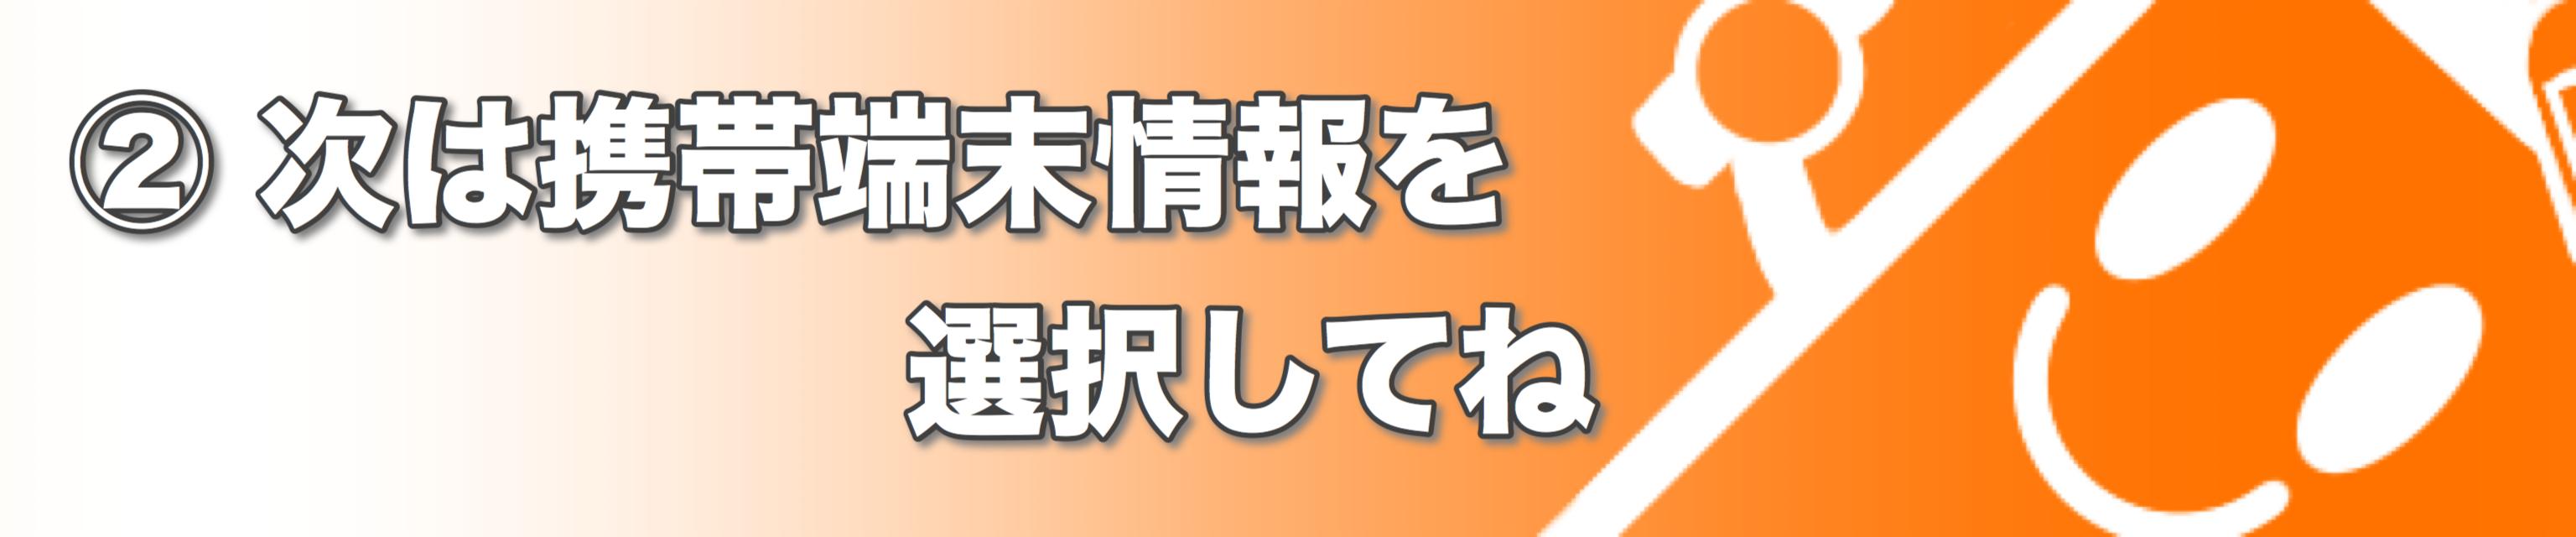 神戸三宮のiPhone(アイフォン)修理スマコレ修理後予約フォーム端末情報